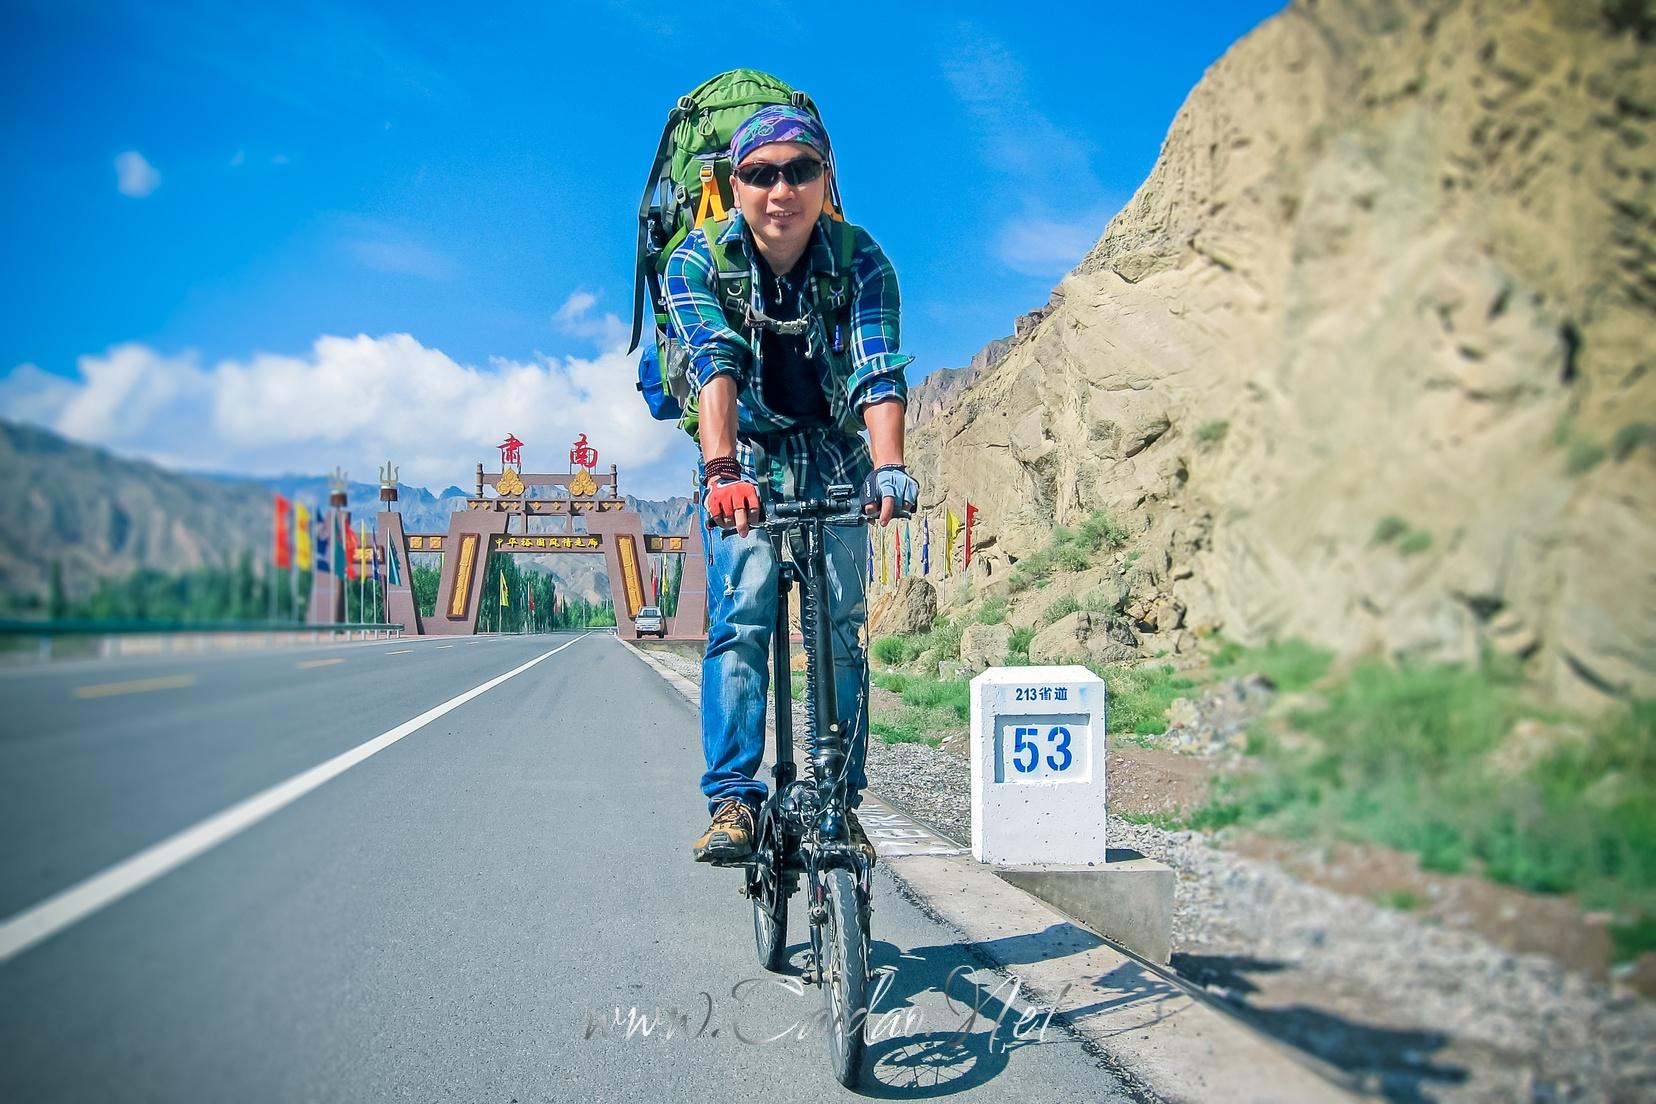 骑行爱好者李银华的骑行记录